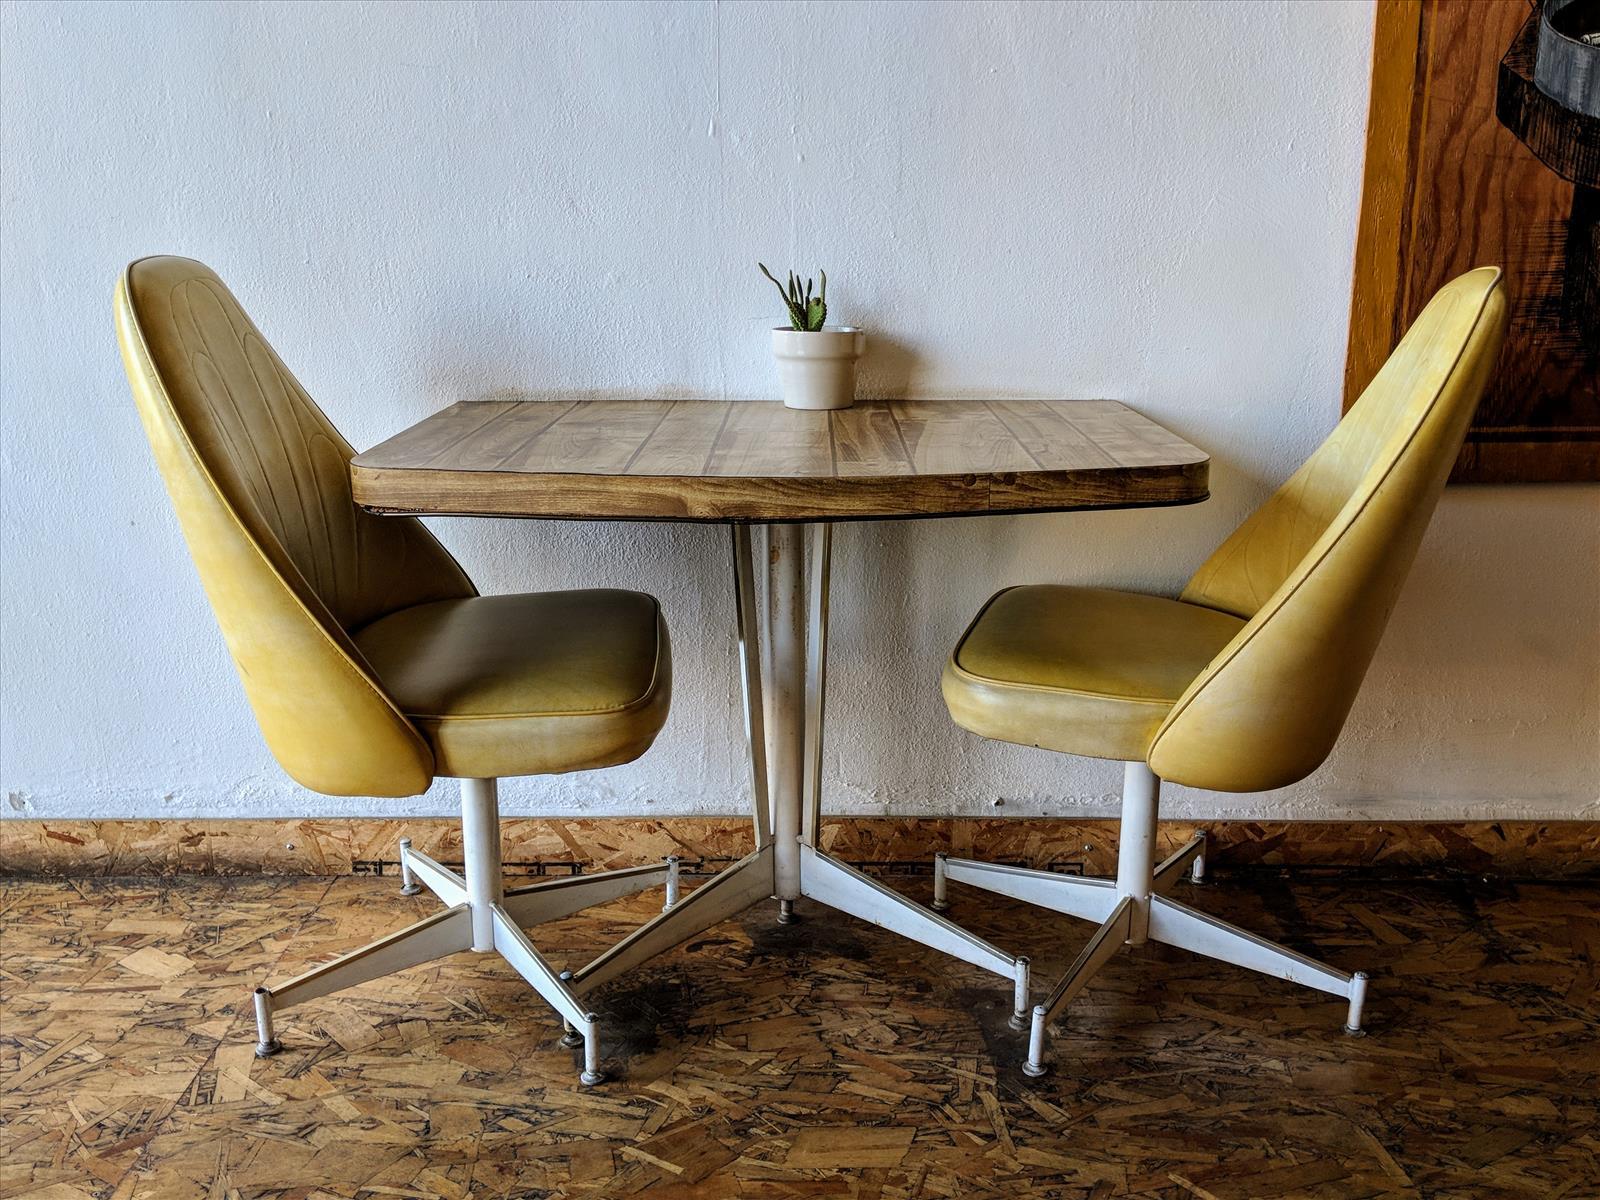 Mesa y Sillas, lugar para reuniones